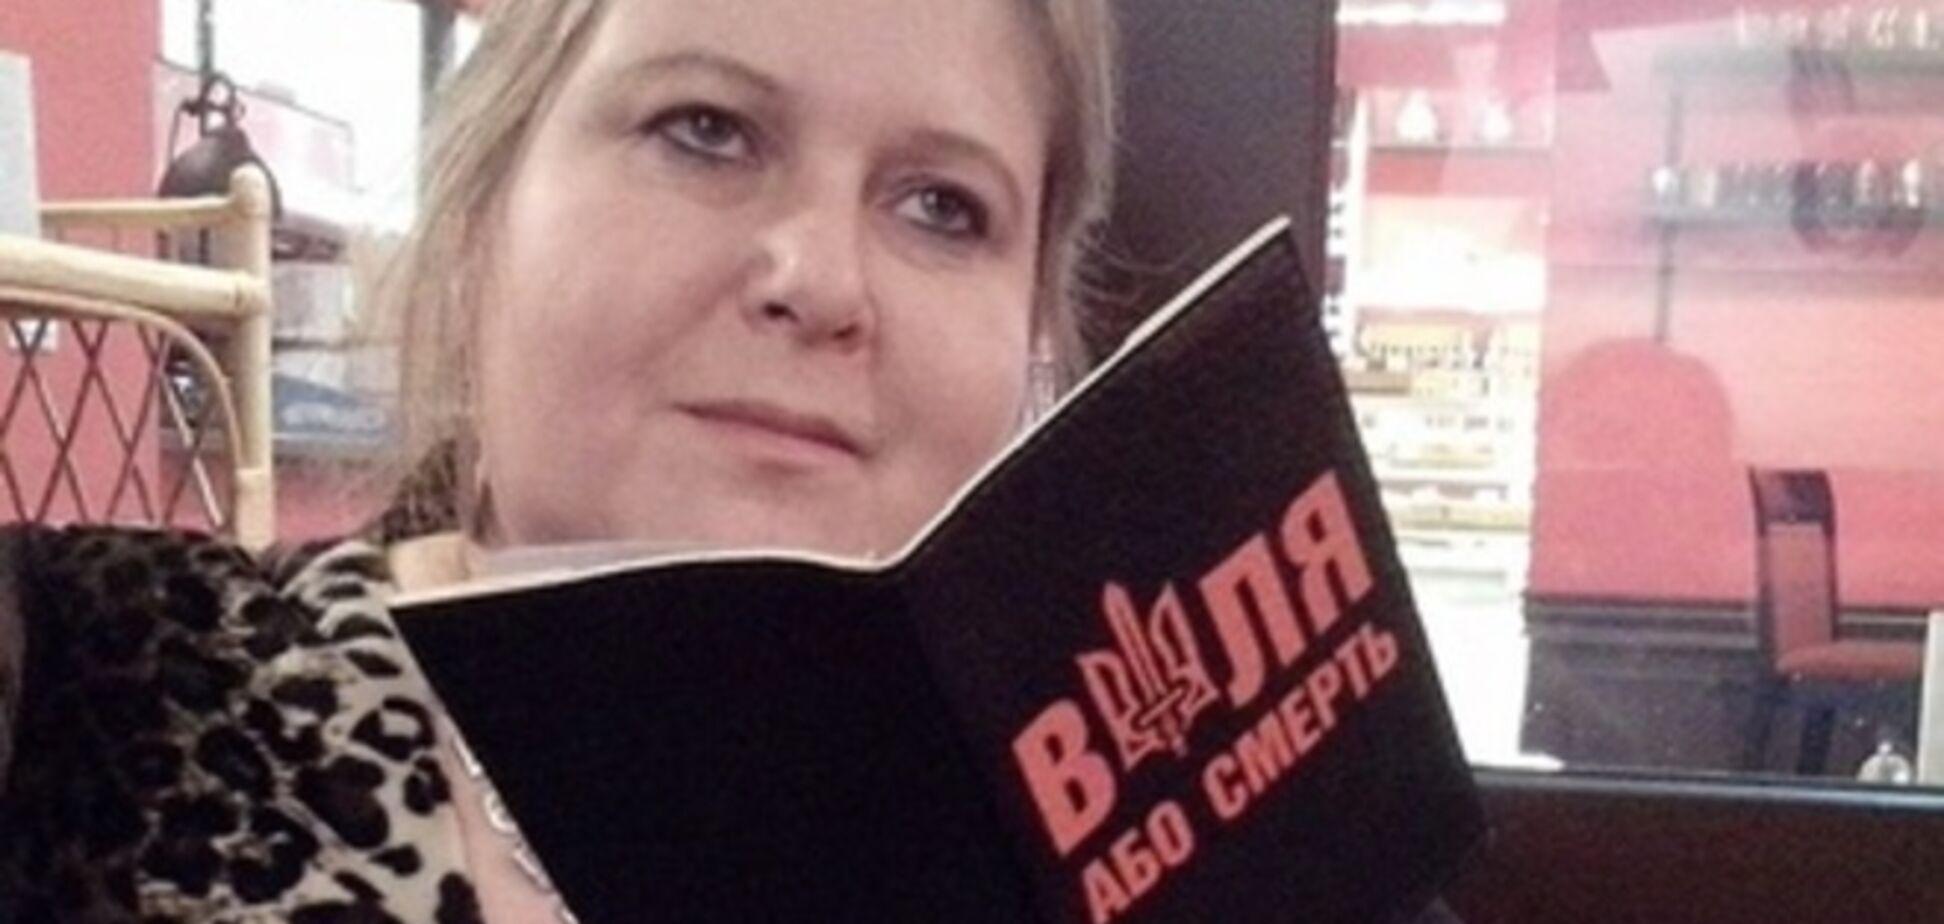 В Ростове бунт: солдаты РФ отказались 'играть в войнушки' в Украине – российская активистка